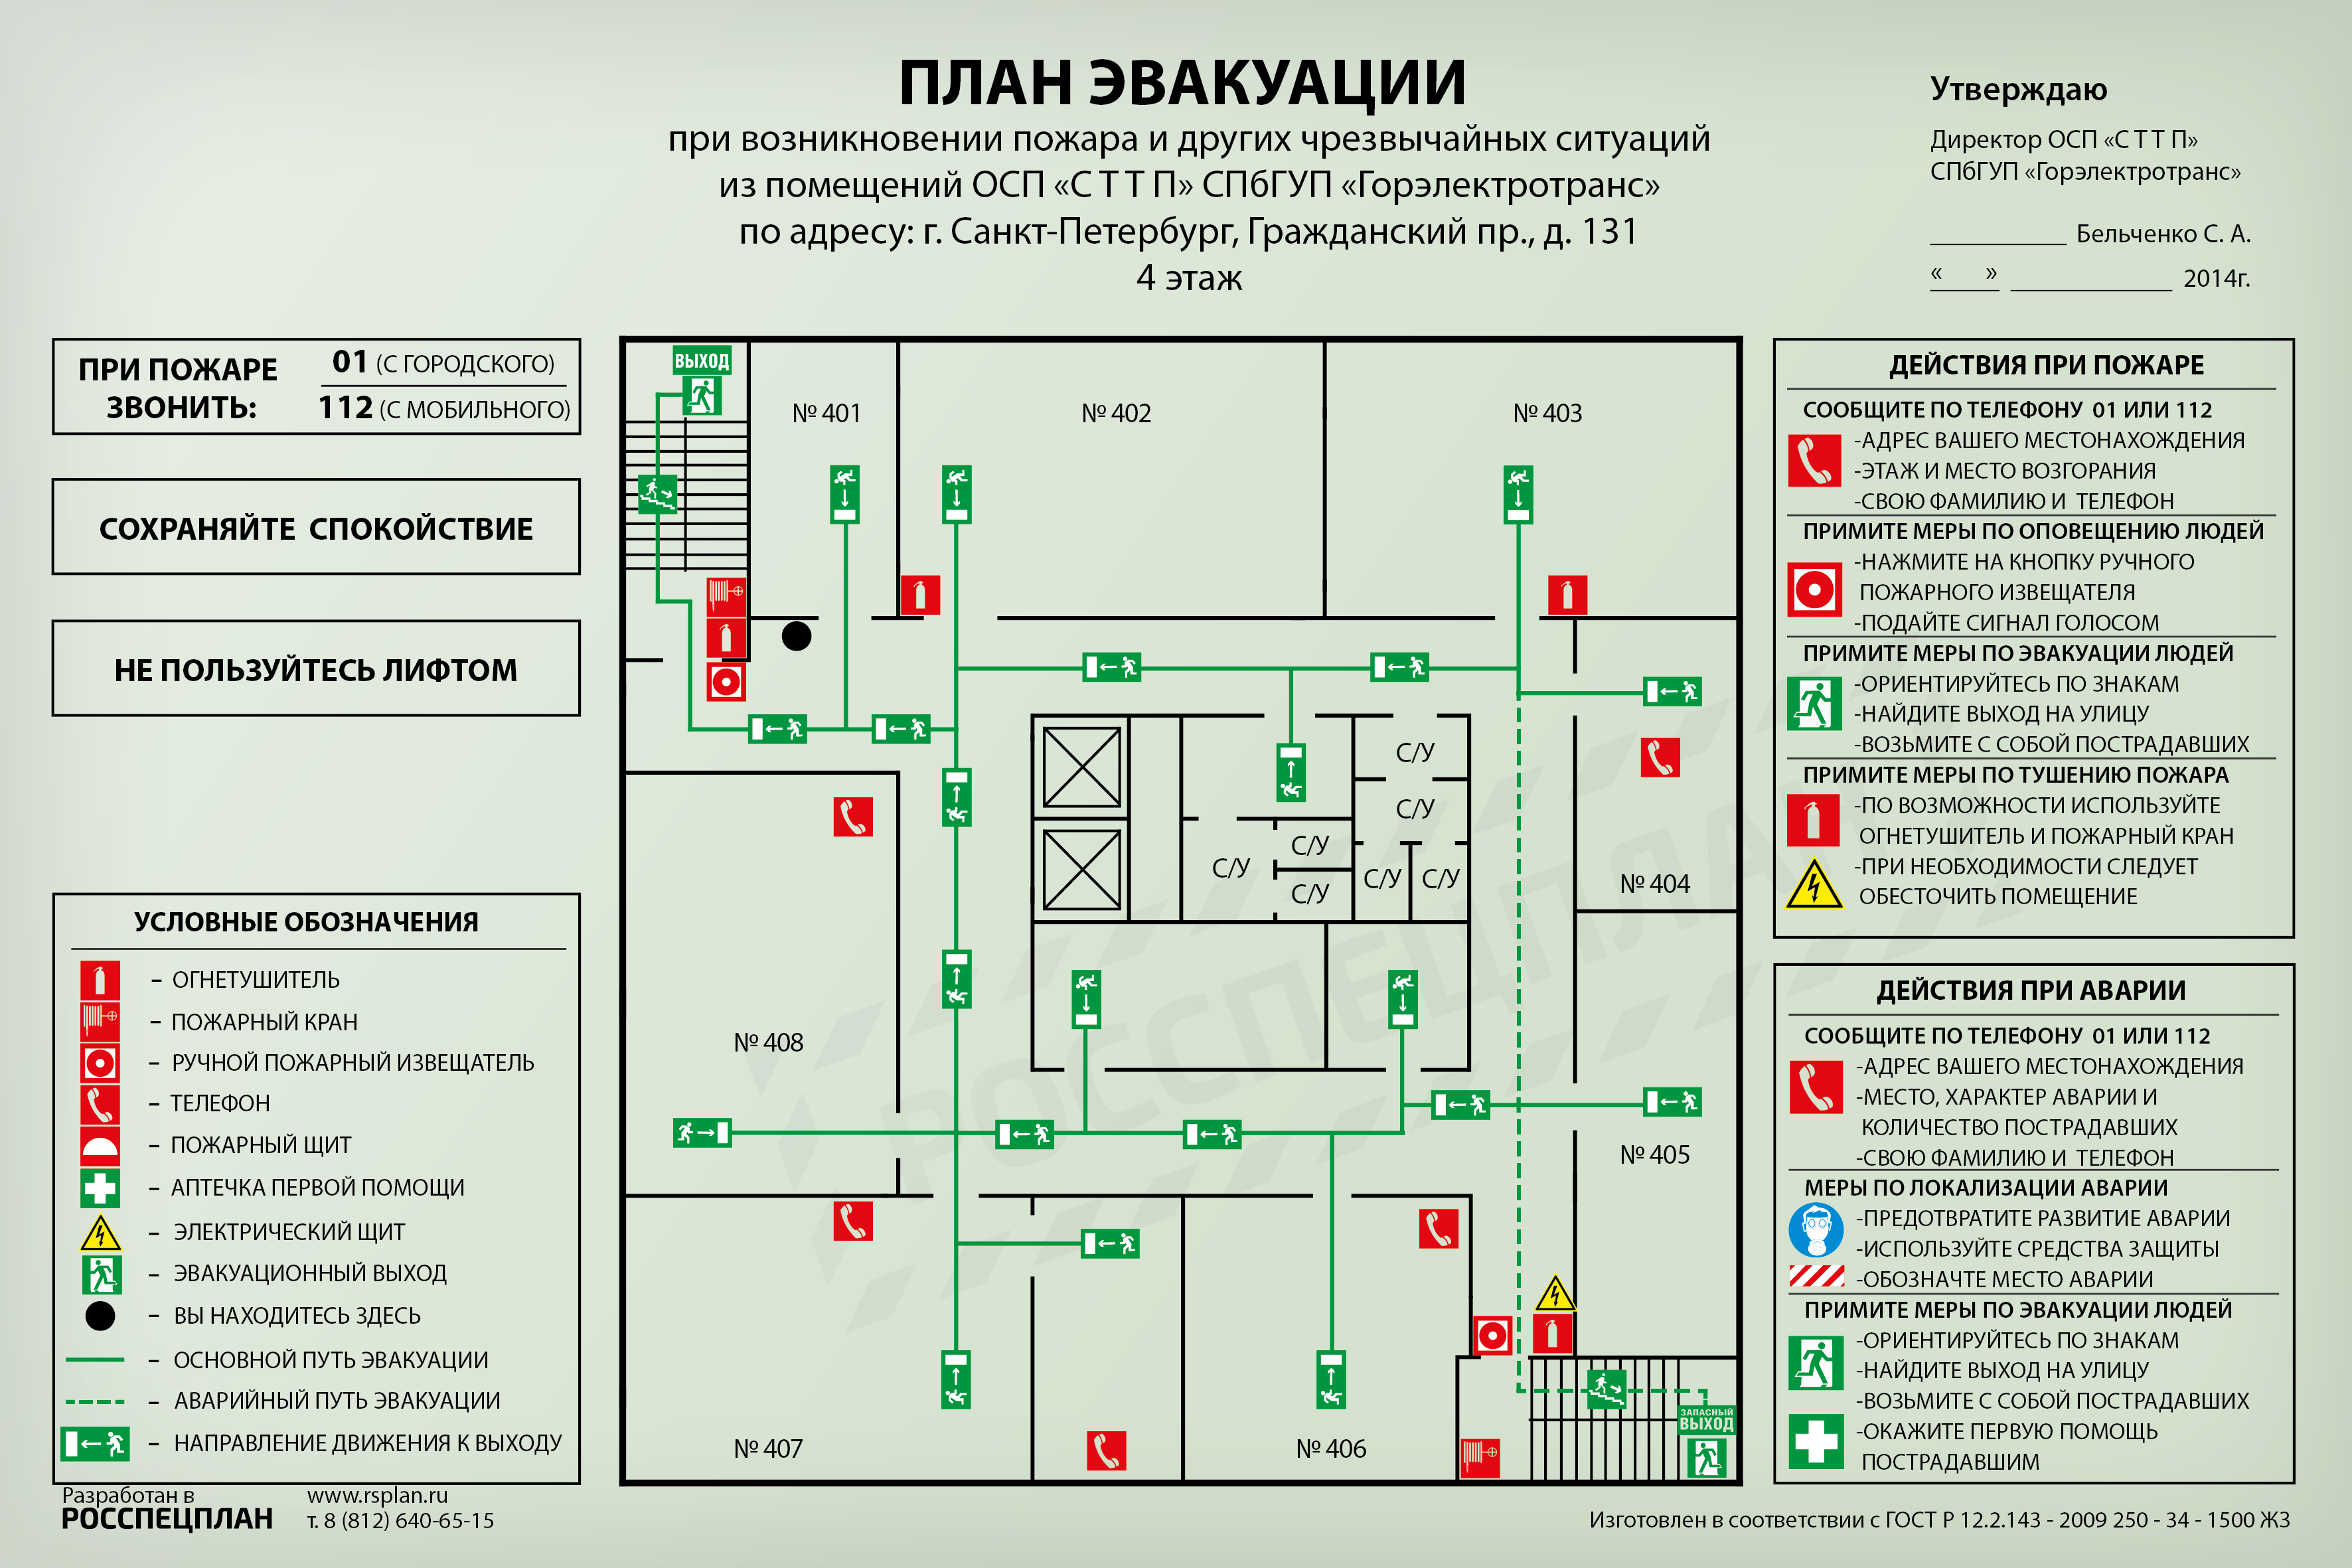 картинки для плана пожарной эвакуации сказалось